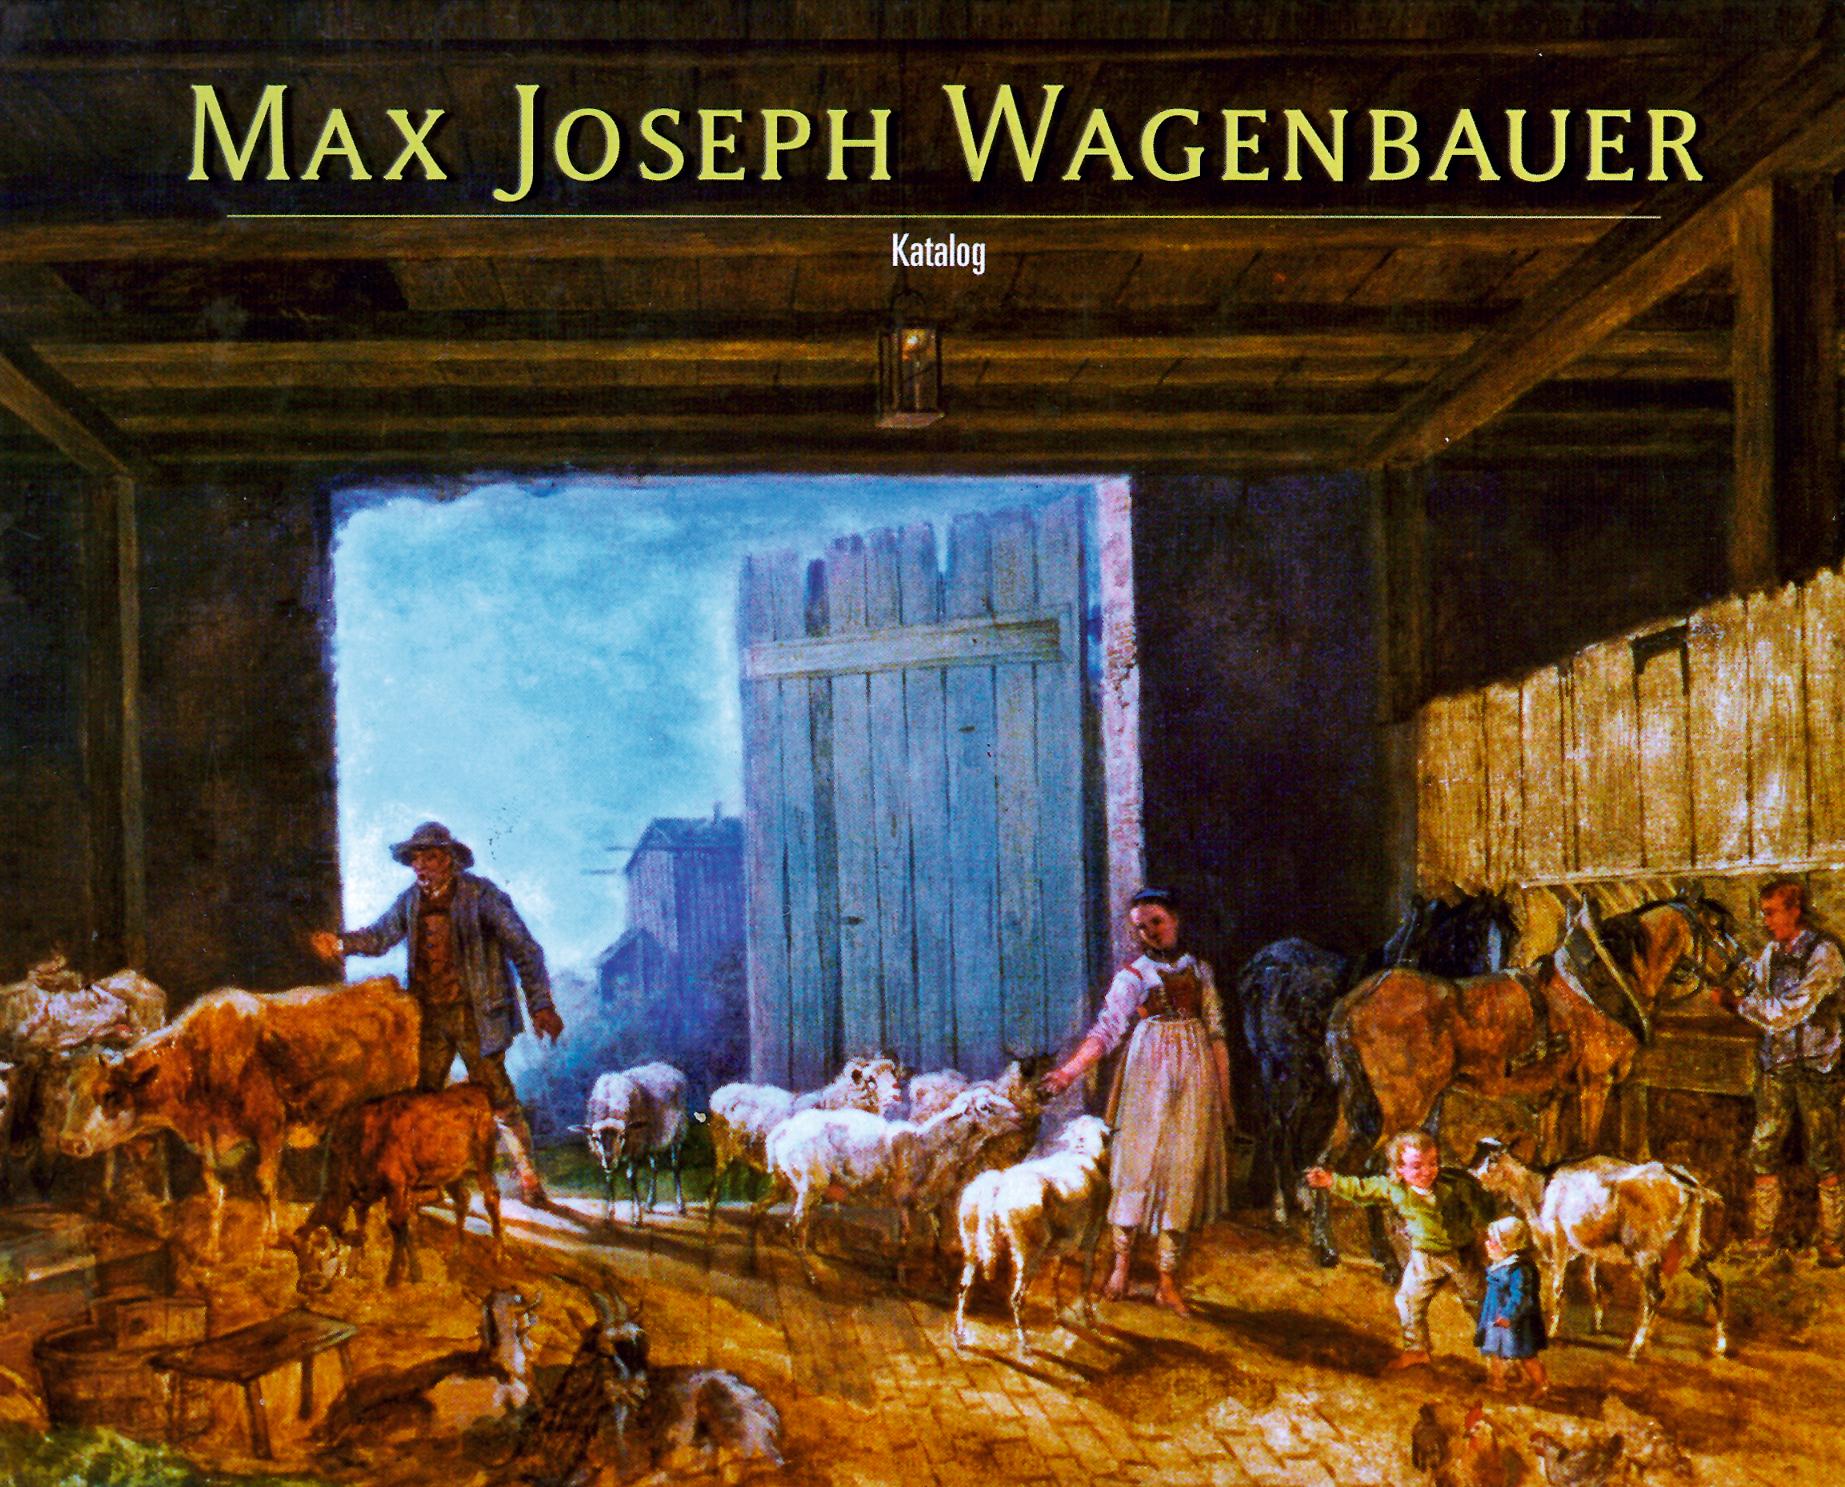 Max Joseph Wagenbauer